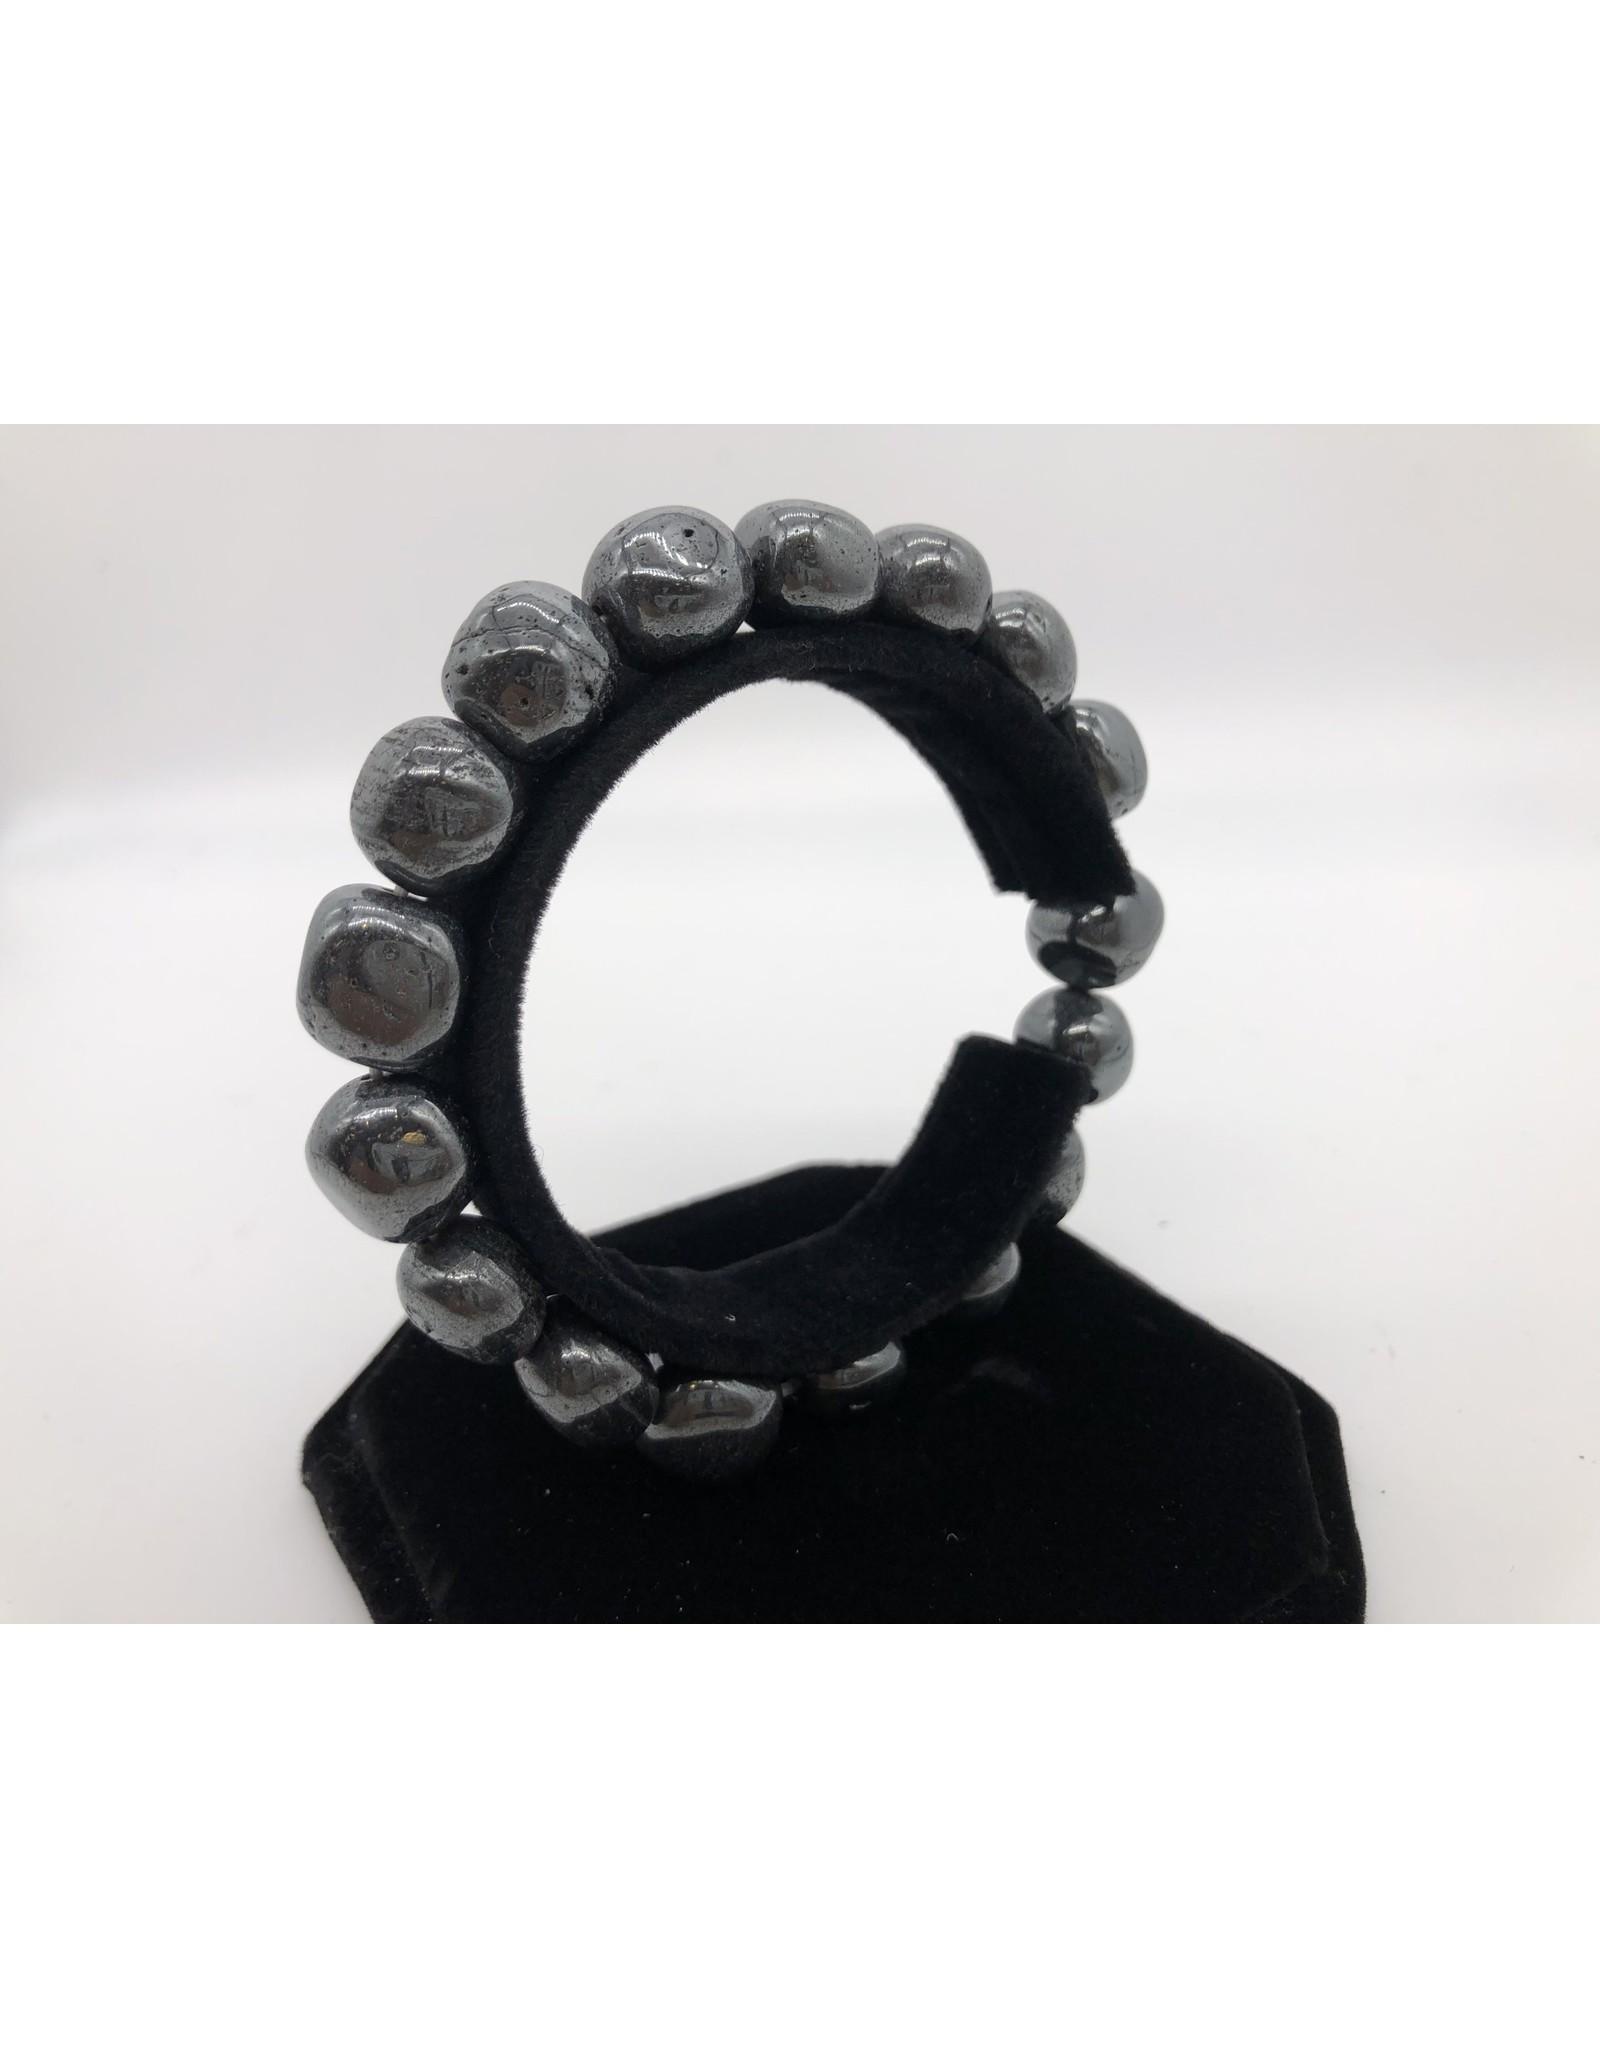 Hematite Tumbled Gemstone Bracelet